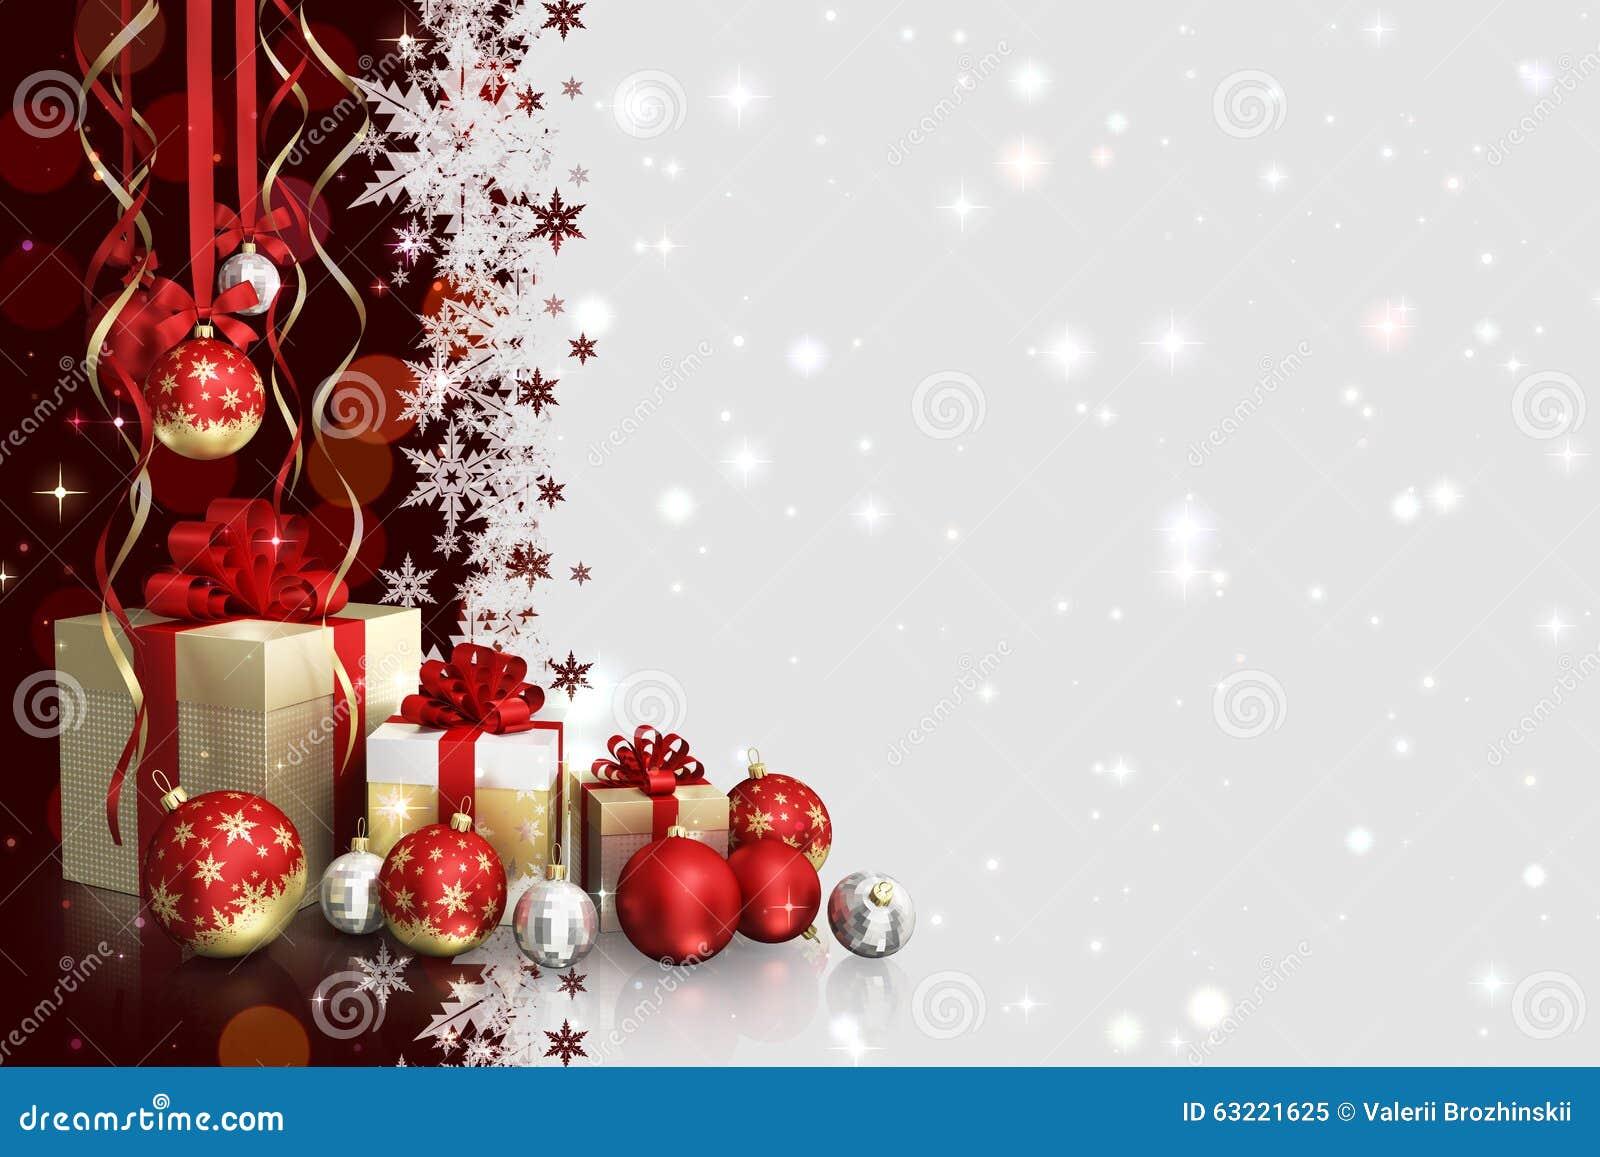 weihnachtsmotiv mit geschenkboxen und glaskugeln und freier raum f r text stockbild bild von